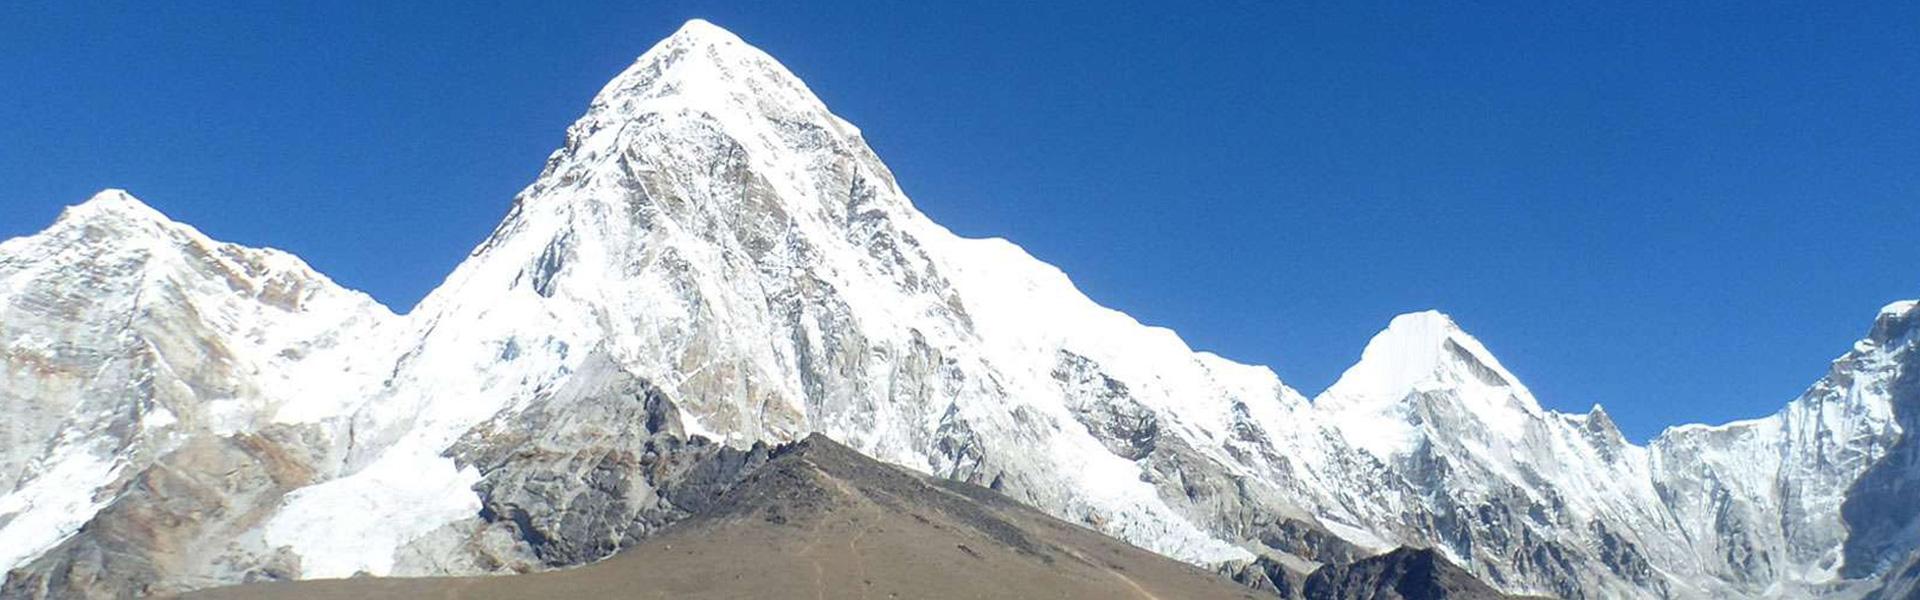 Everest Base Camp Trek in October